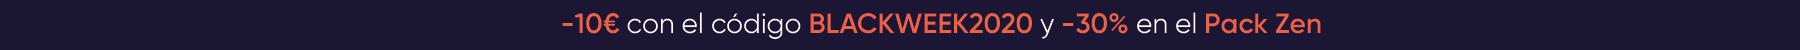 -10€ con el codigo BLACKWEEK2020